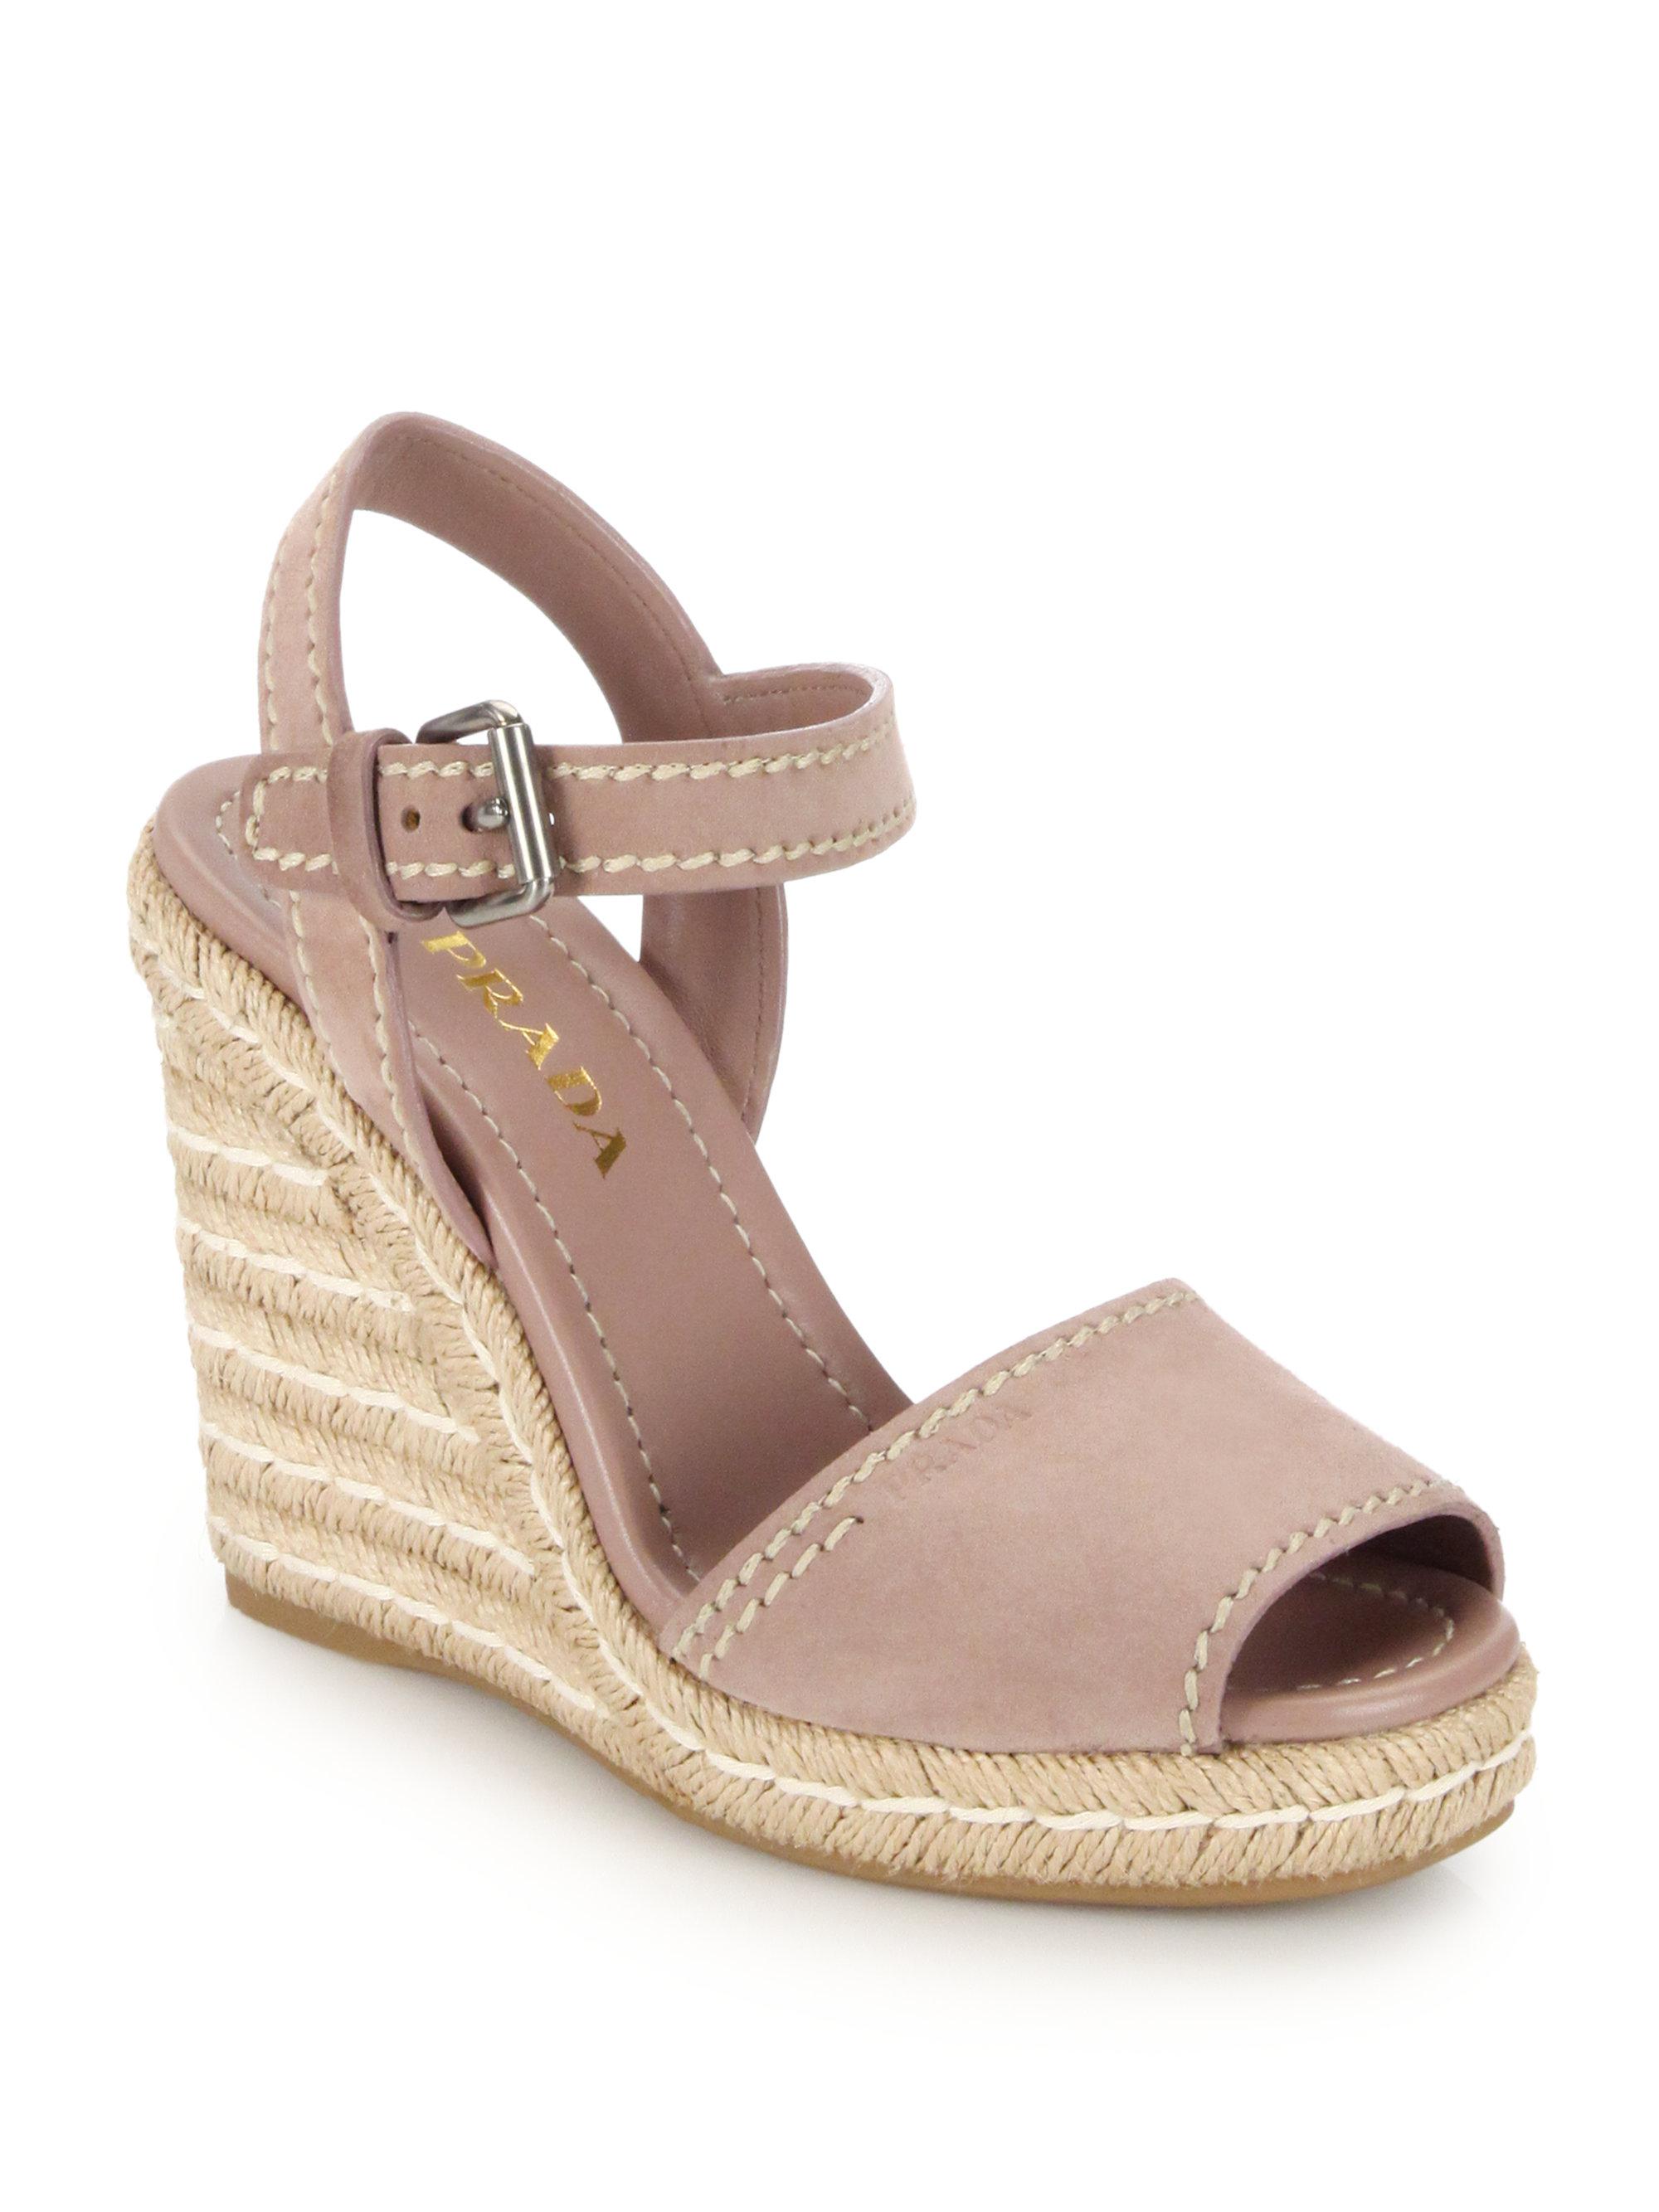 Lyst Prada Suede Peep Toe Espadrille Sandals In Pink